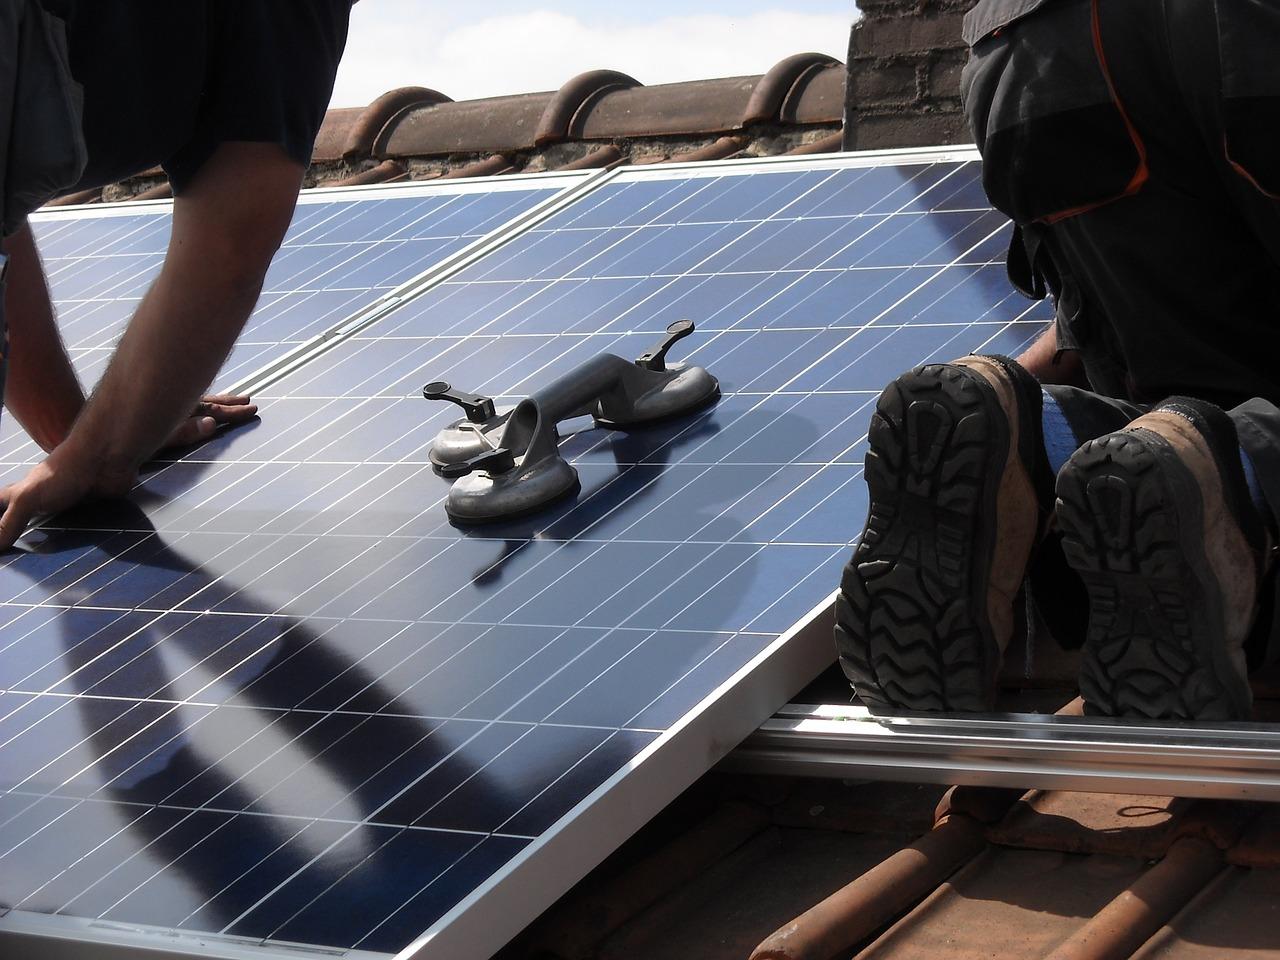 Installateur panneaux photovoltaiques  à Montfort-le-Gesnois